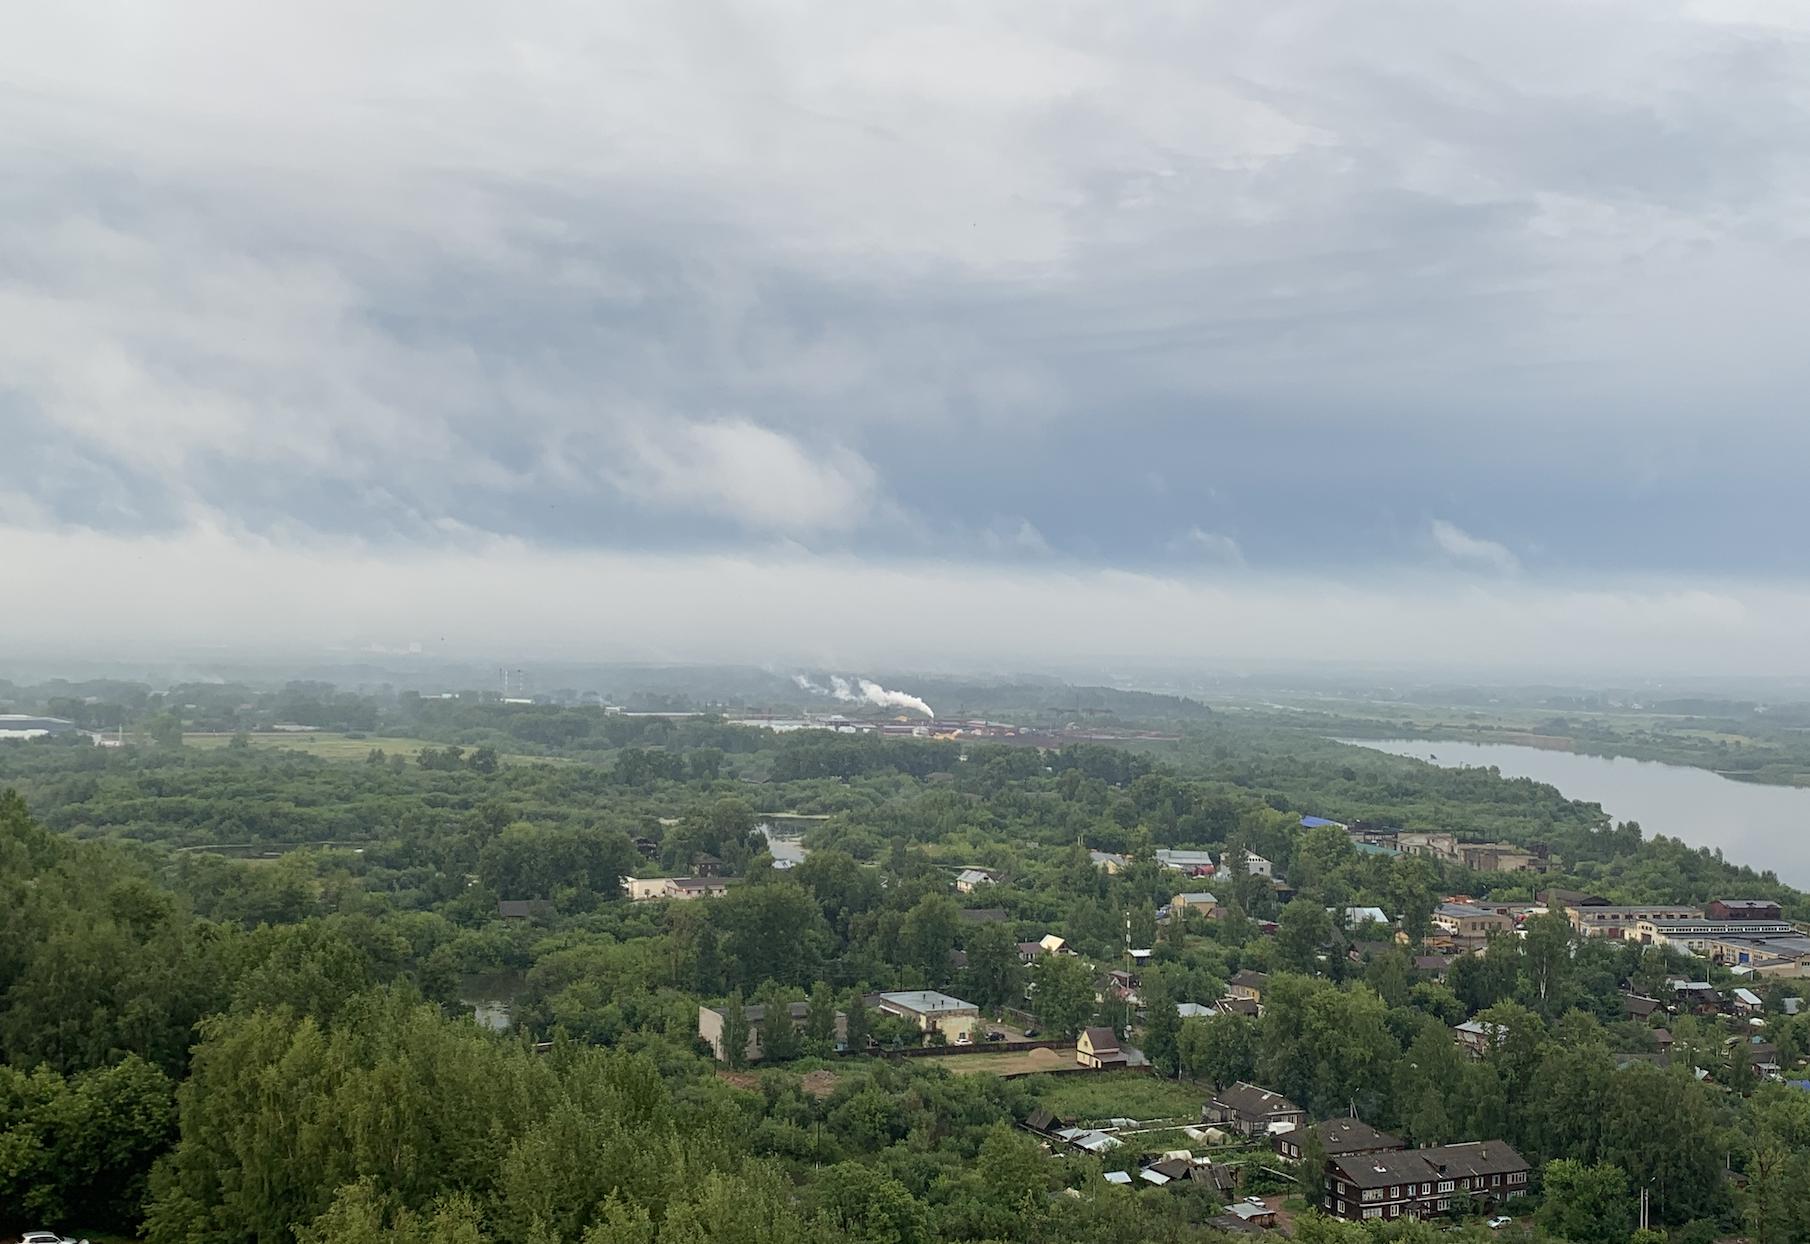 В середине августа температура в Кирове не превысит 20 градусов